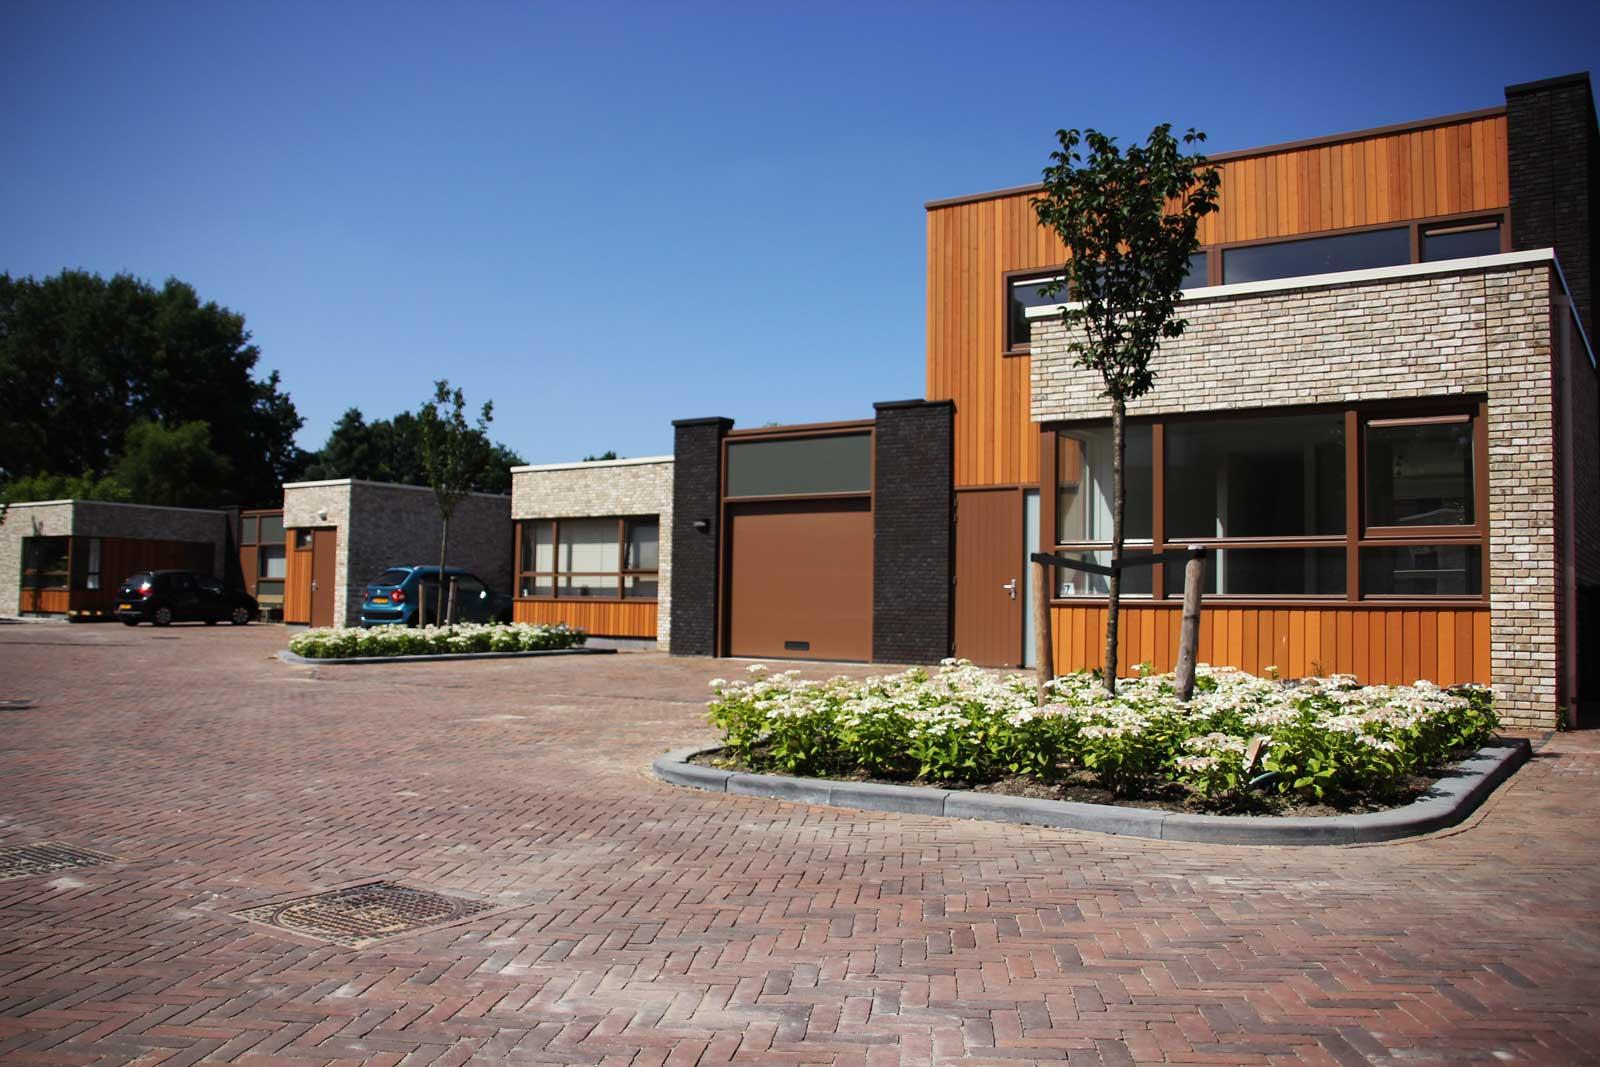 Teylingerhof Bleiswijk CPO Patiowoningen - Voorzijde